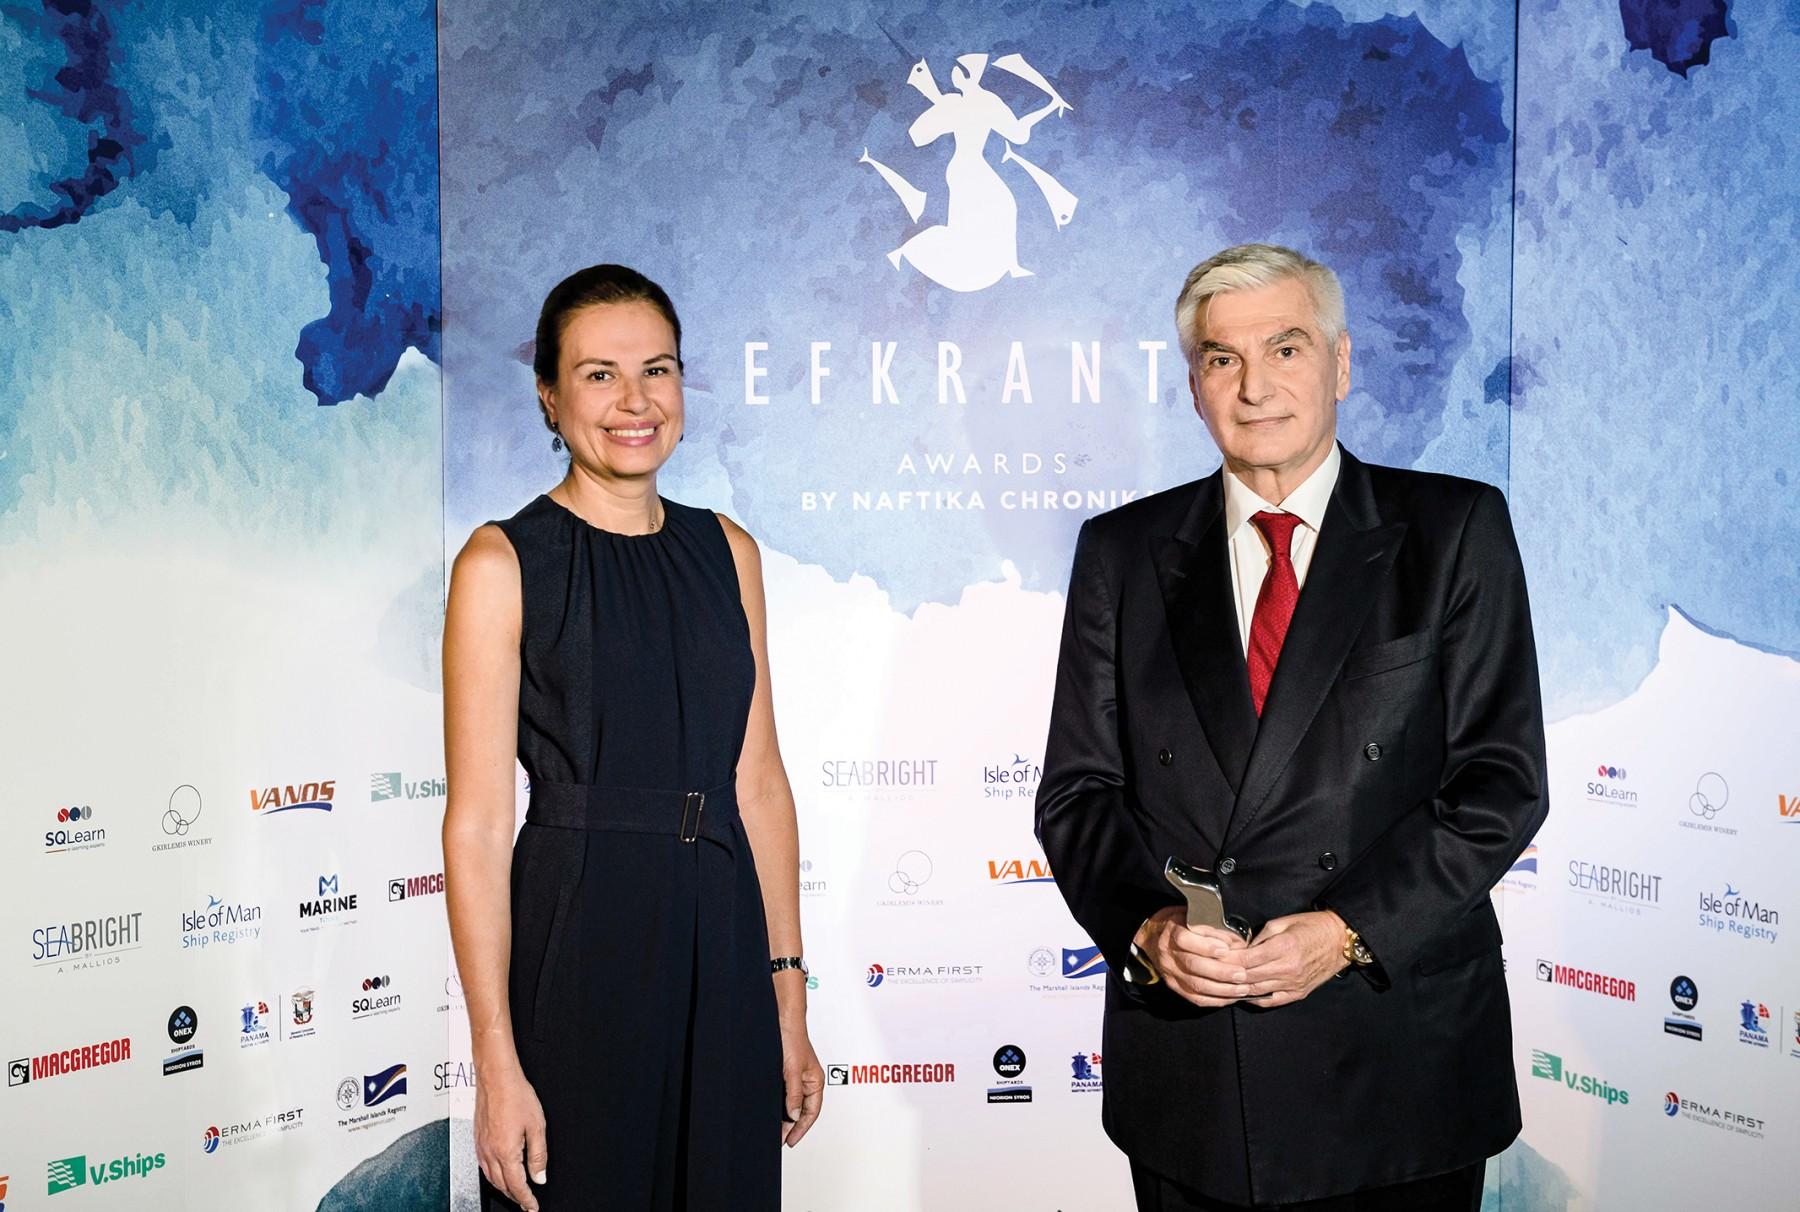 Ο κ. Ηρακλής Προκοπάκης παραλαμβάνει το αγαλματίδιο «Ευκράντη» από την Ελένη Πολυχρονοπούλου, Διευθύντρια Επιχειρηματικής Ανάπτυξης της ERMA FIRST, χορηγού του βραβείου.